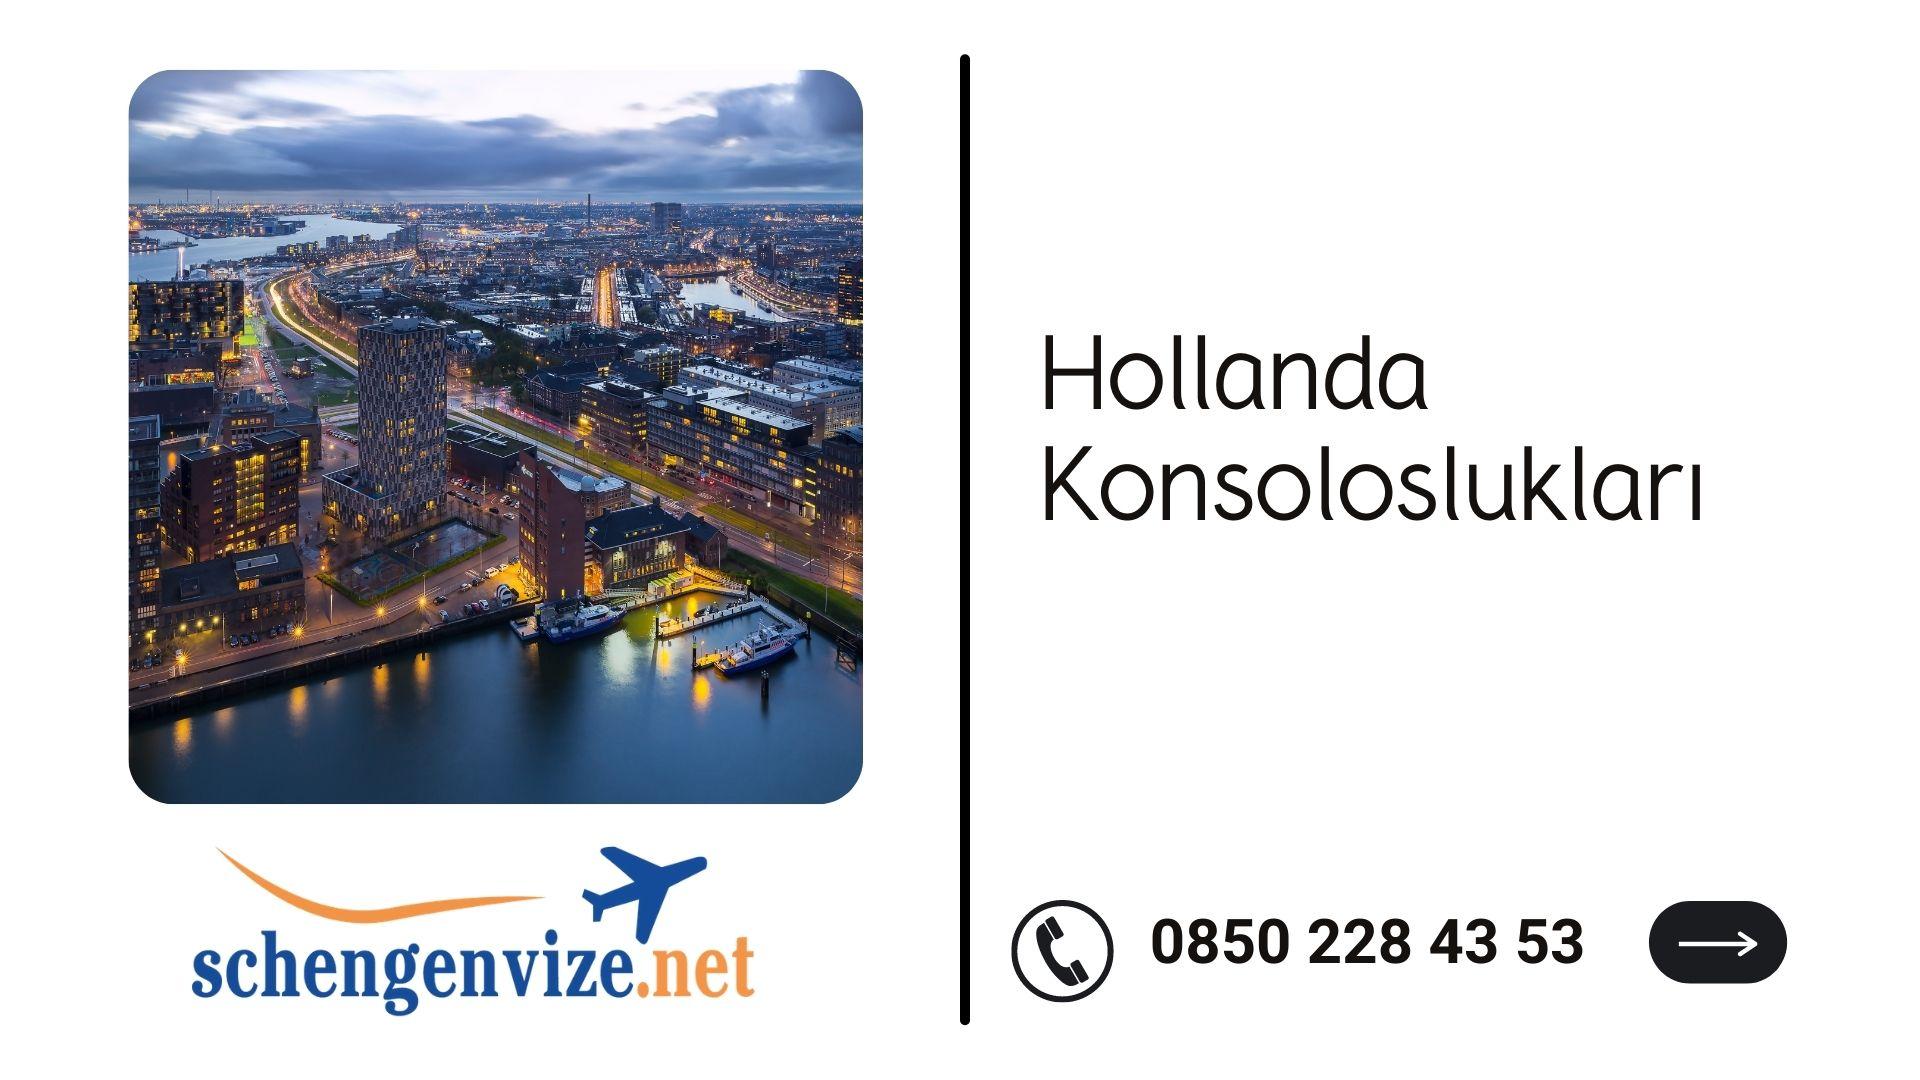 Hollanda Konsoloslukları